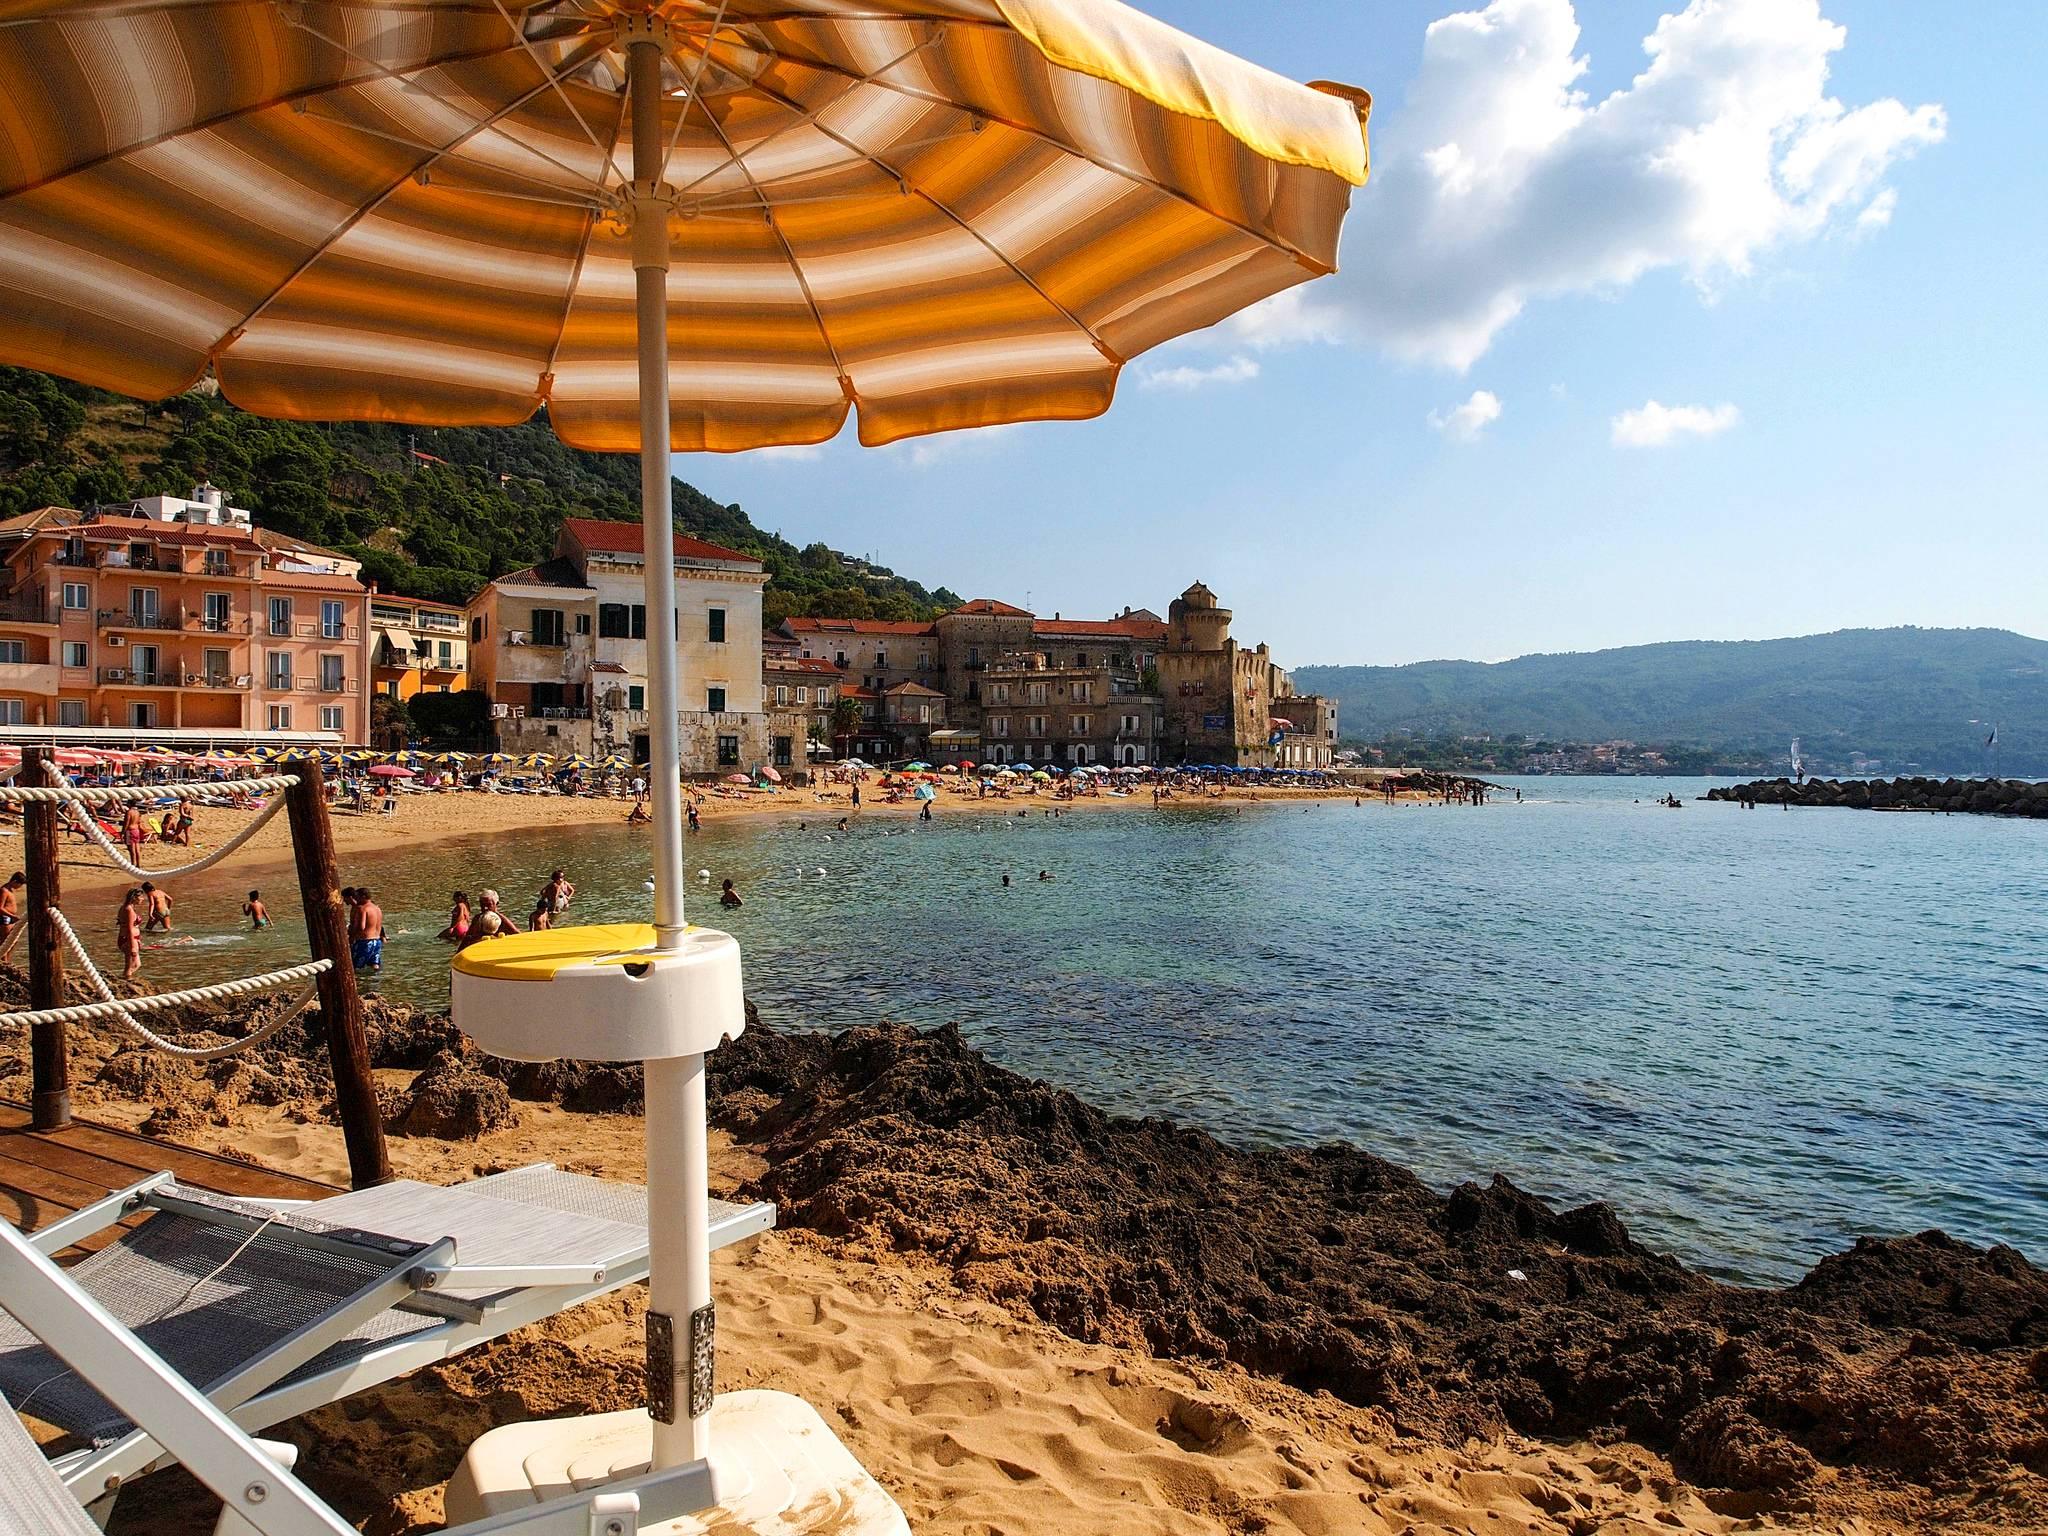 Santamaria spiaggia Residence Perla Bianca ristorante spiaggia appartamento